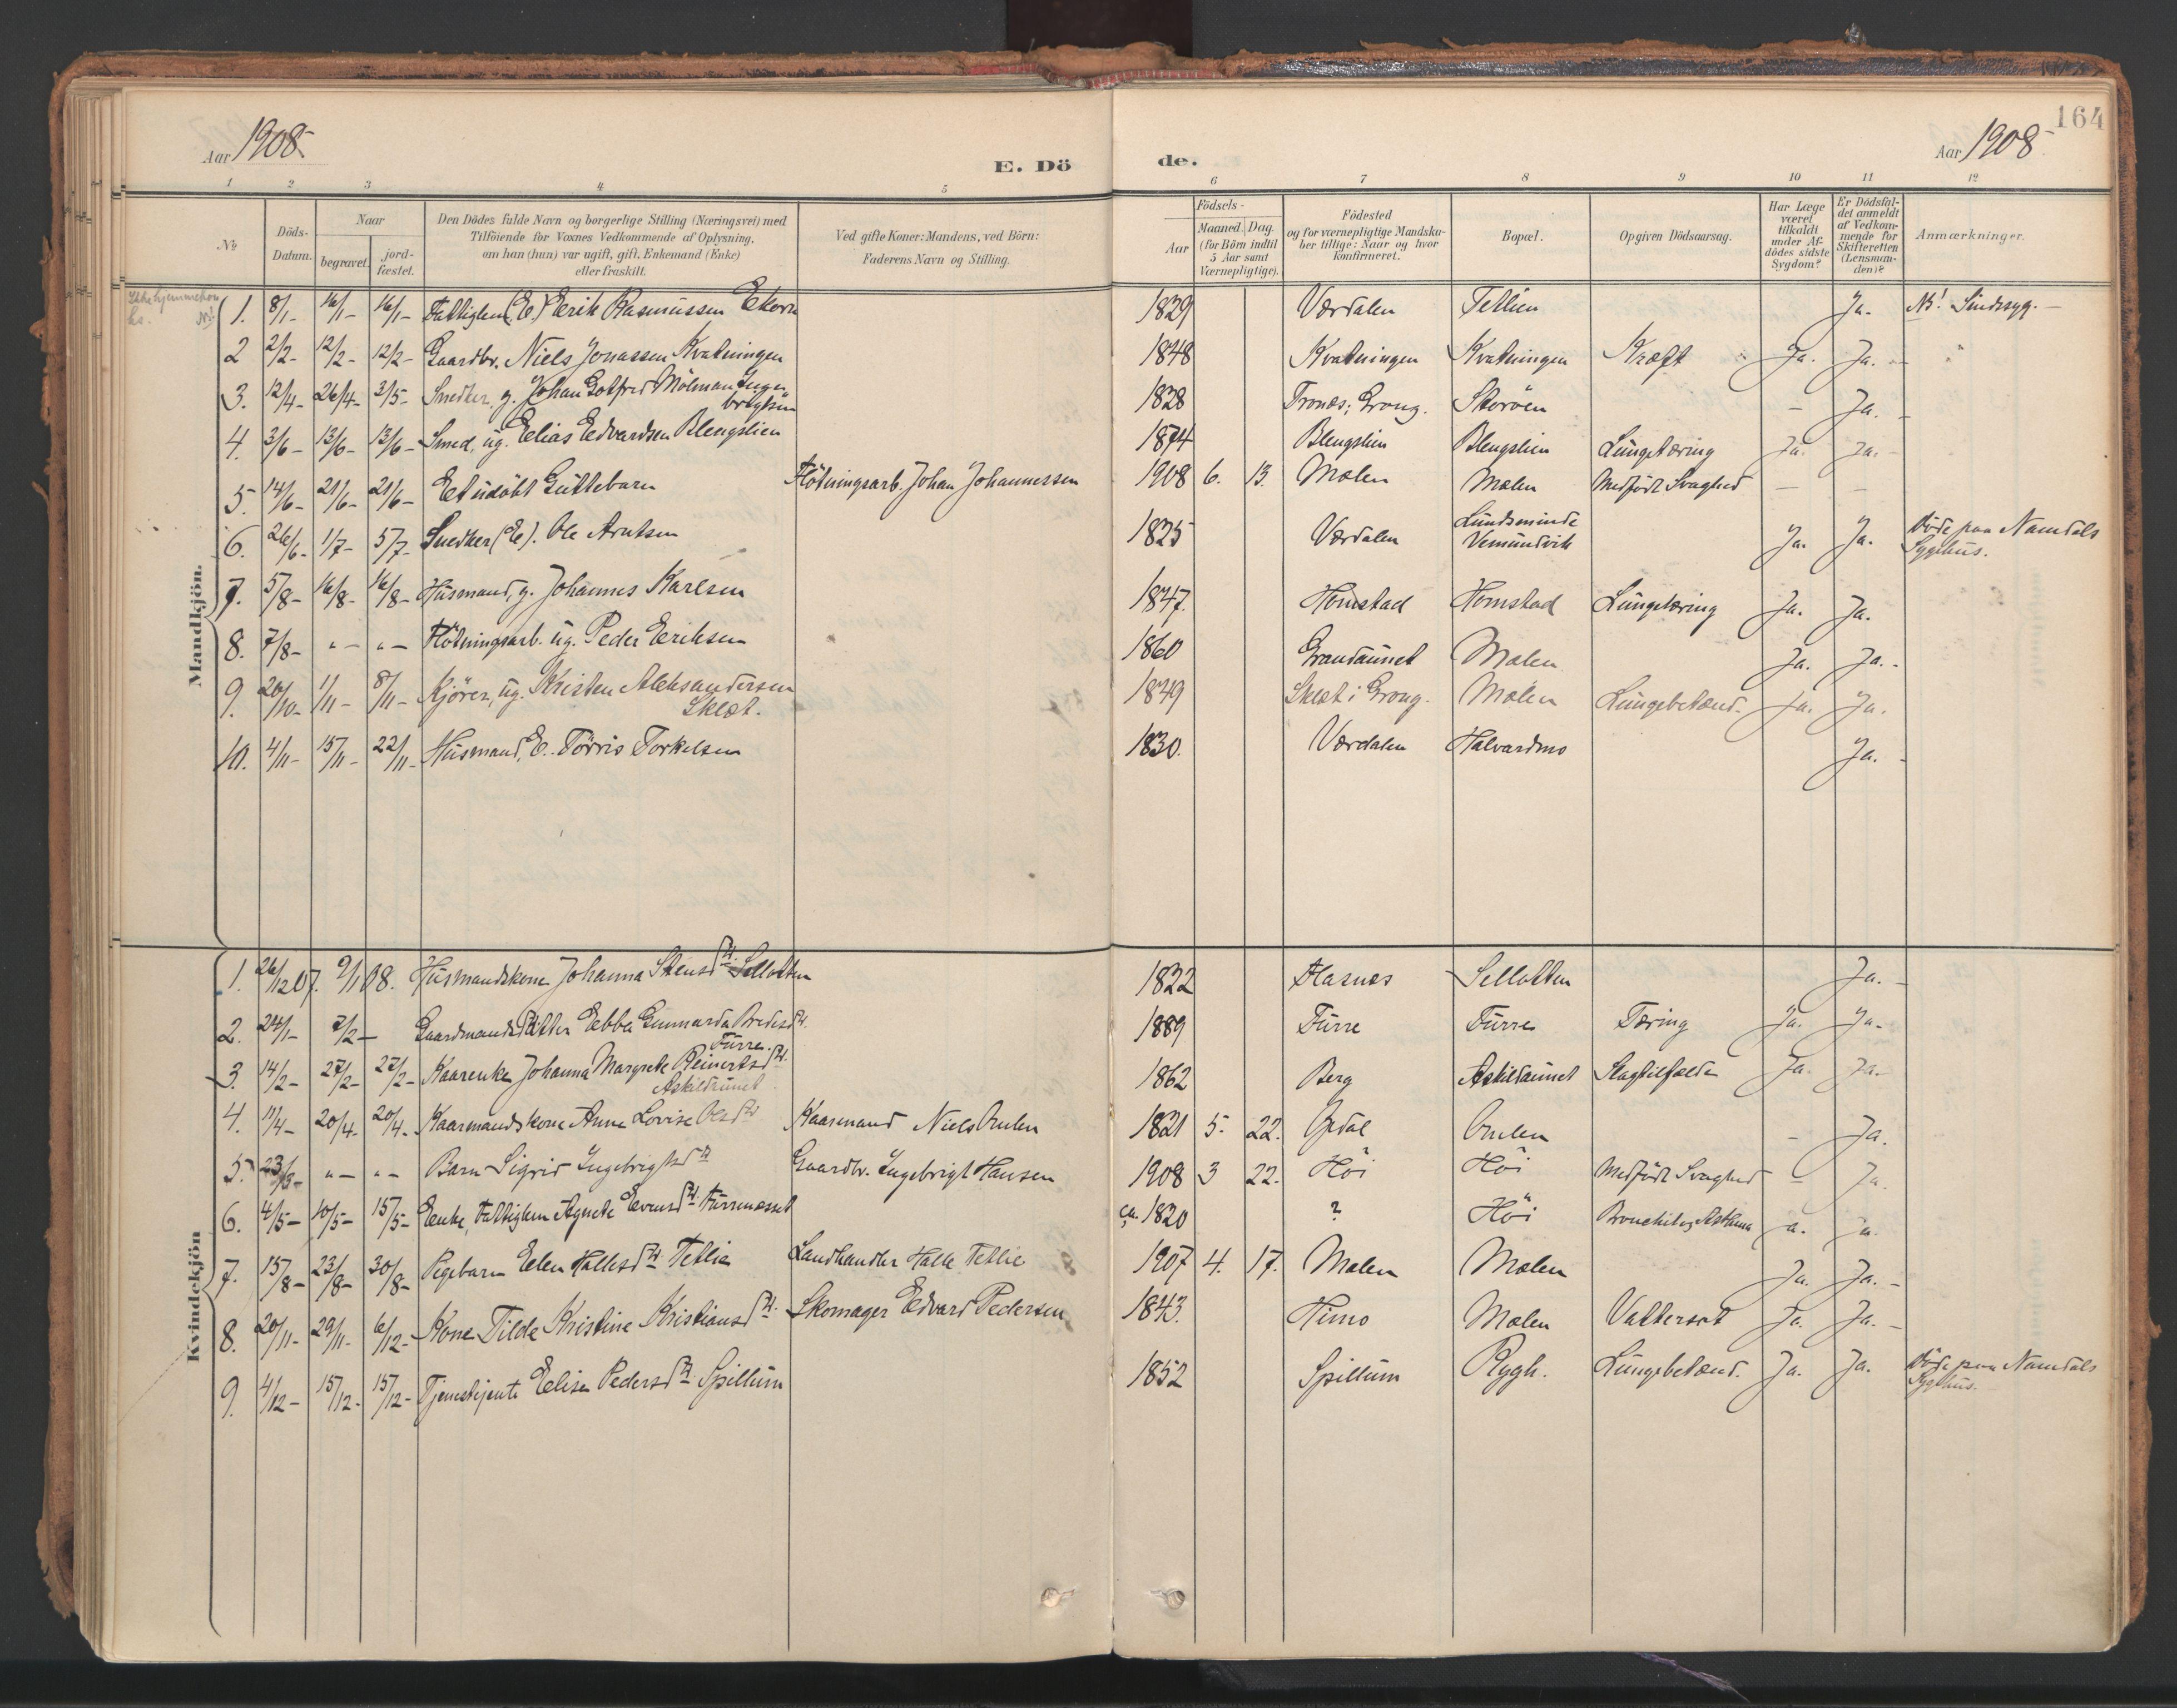 SAT, Ministerialprotokoller, klokkerbøker og fødselsregistre - Nord-Trøndelag, 766/L0564: Ministerialbok nr. 767A02, 1900-1932, s. 164